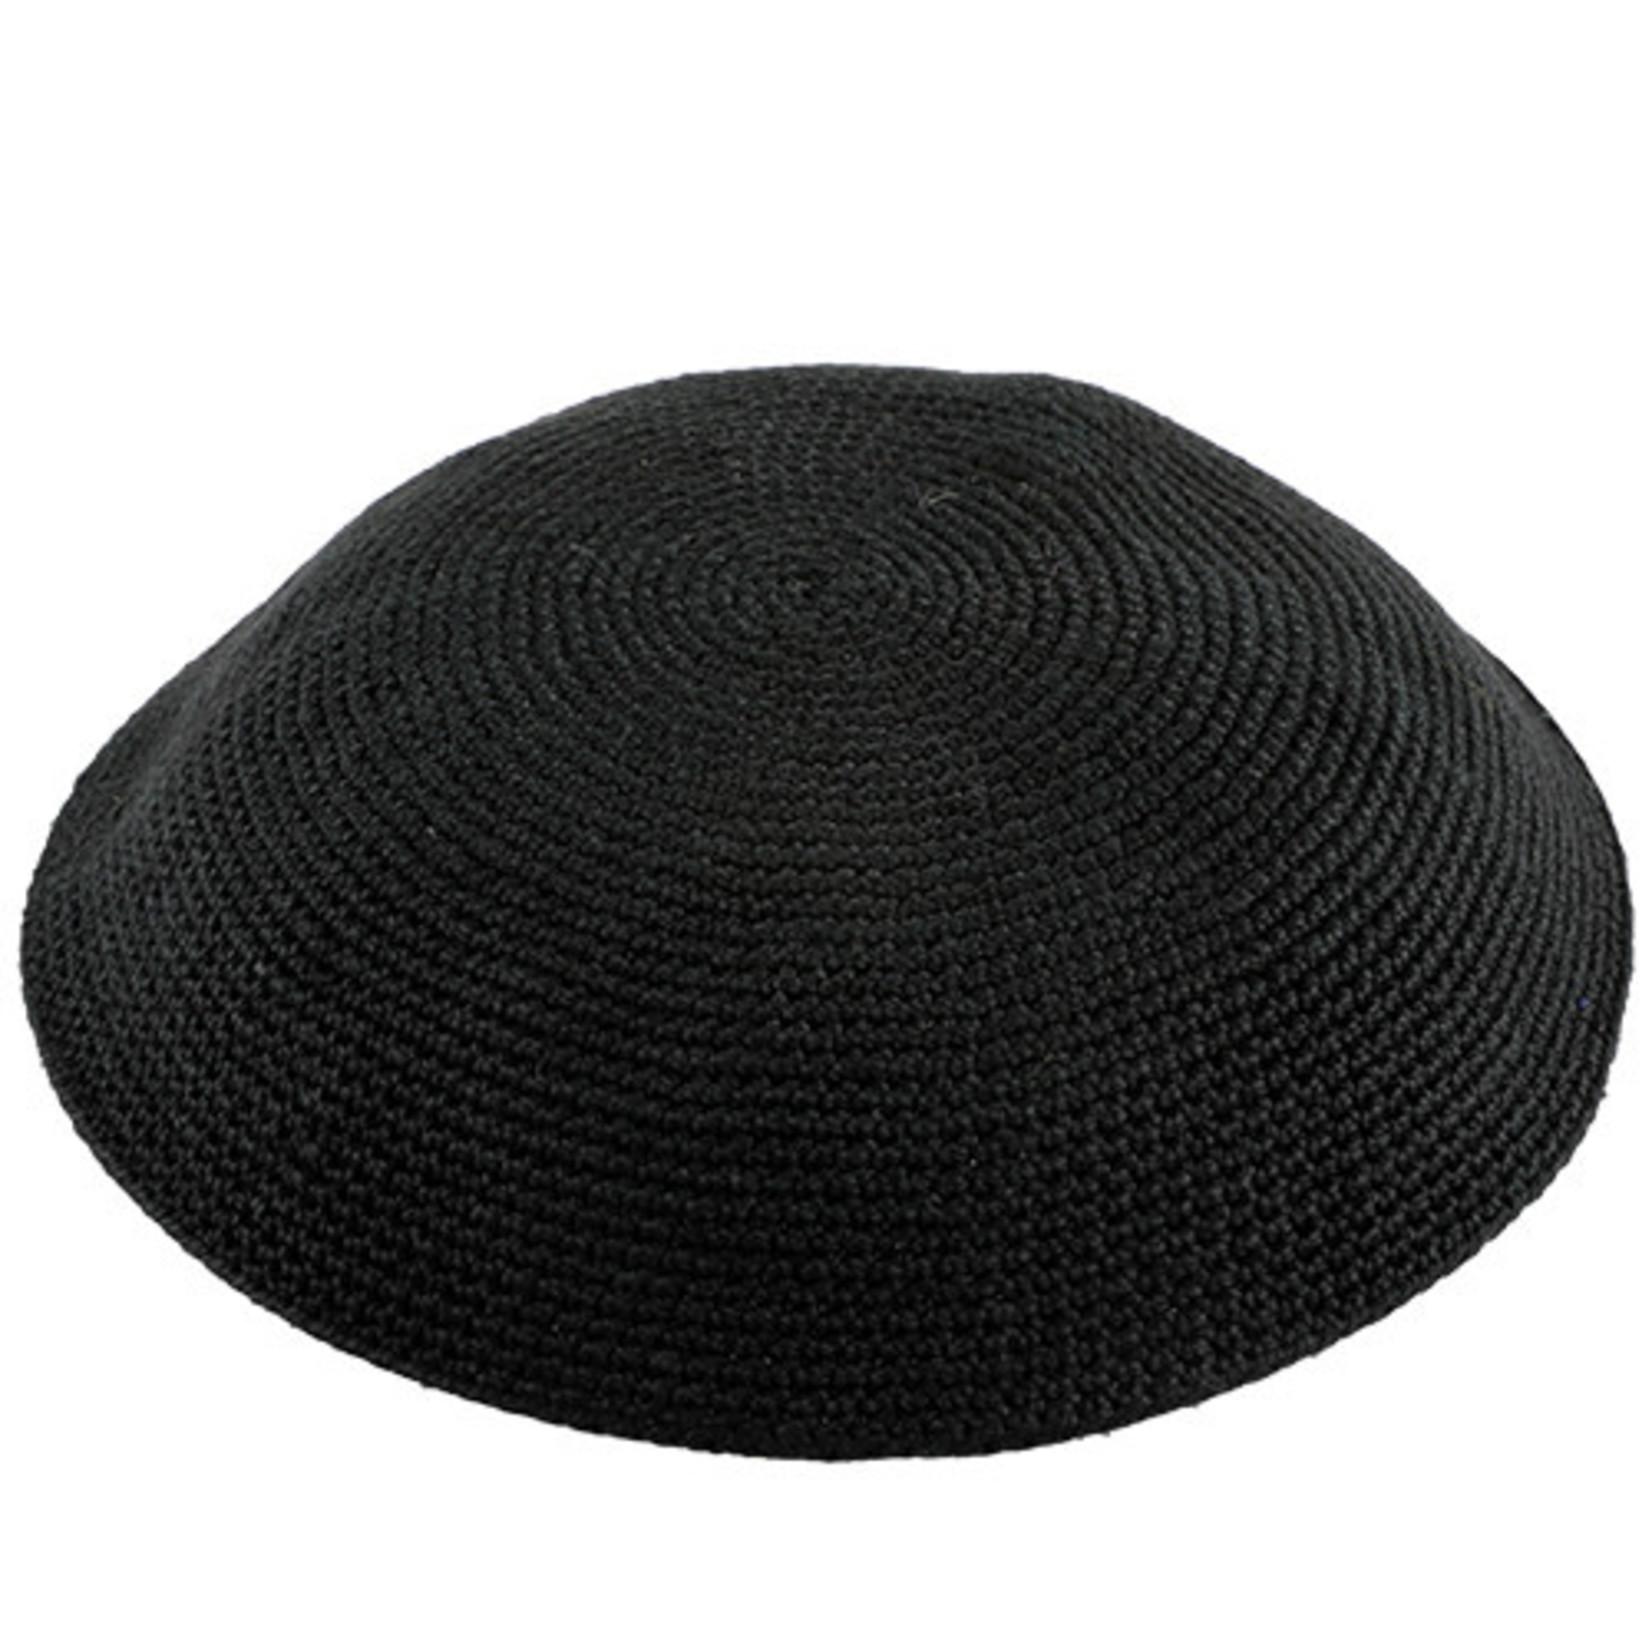 DMC Knit Kippah, Black, 13cm